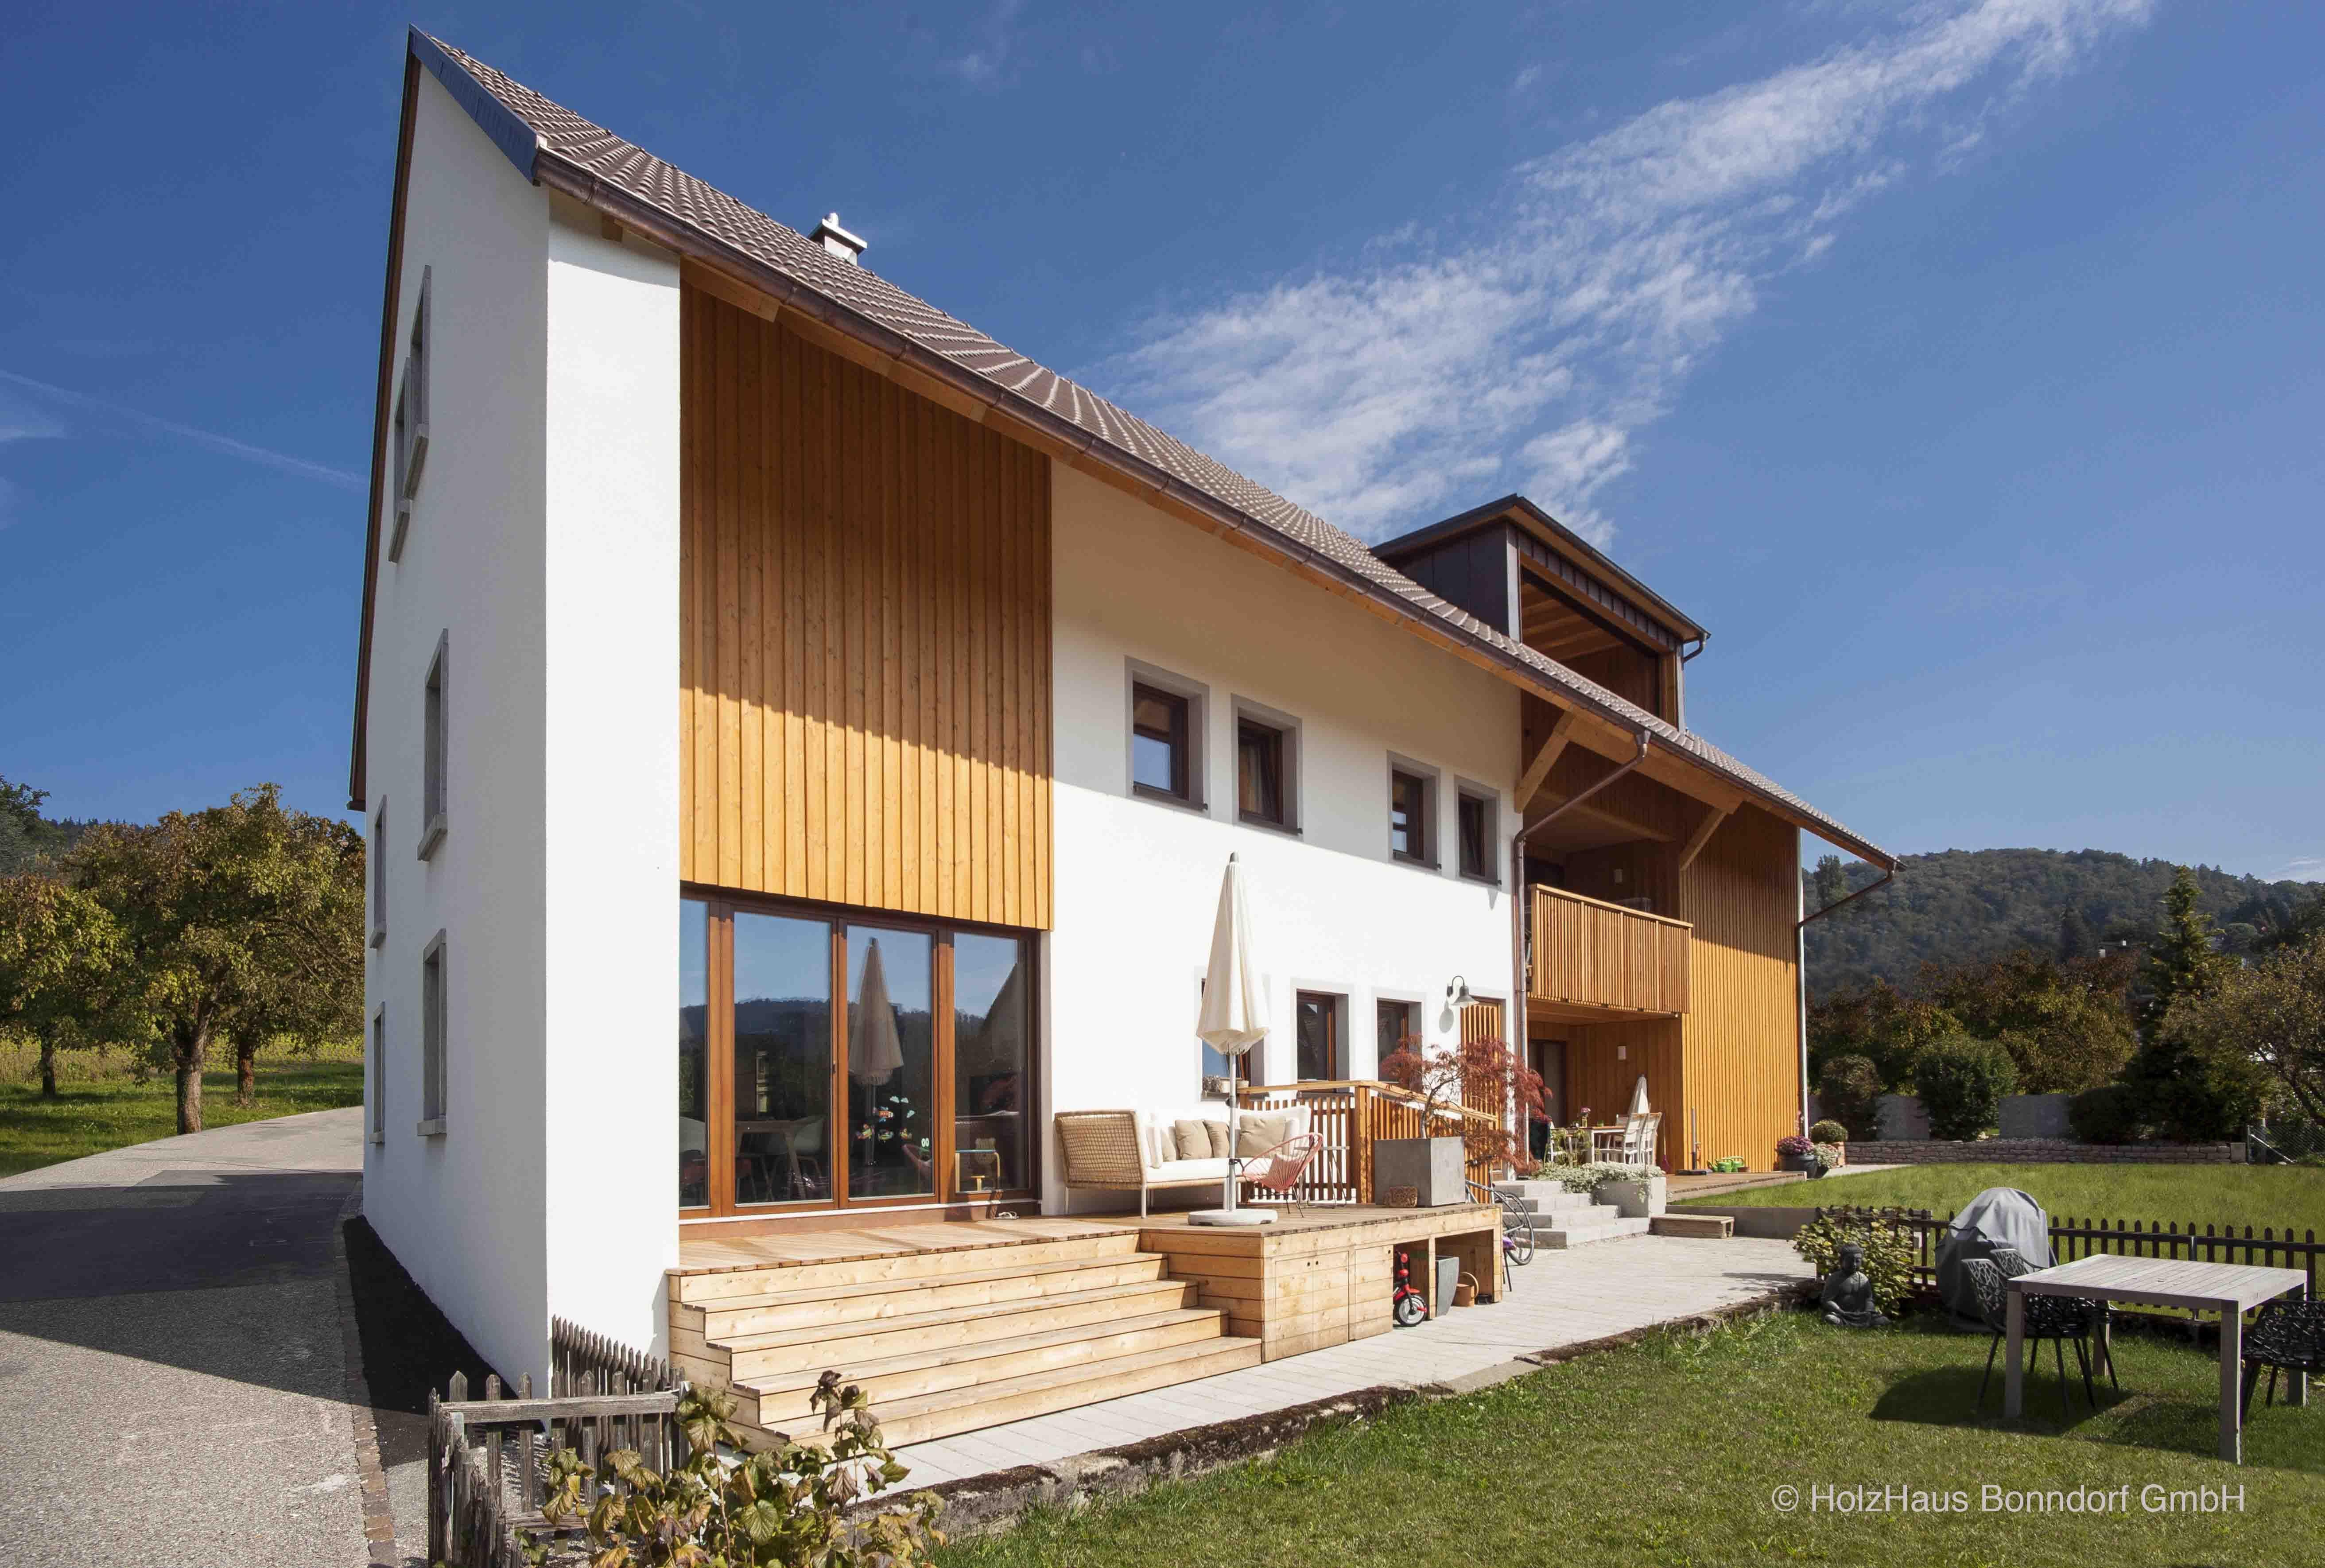 Holzhaus Bonndorf wohnhaus in der schweiz ausführung holzhaus bonndorf gmbh entwurf